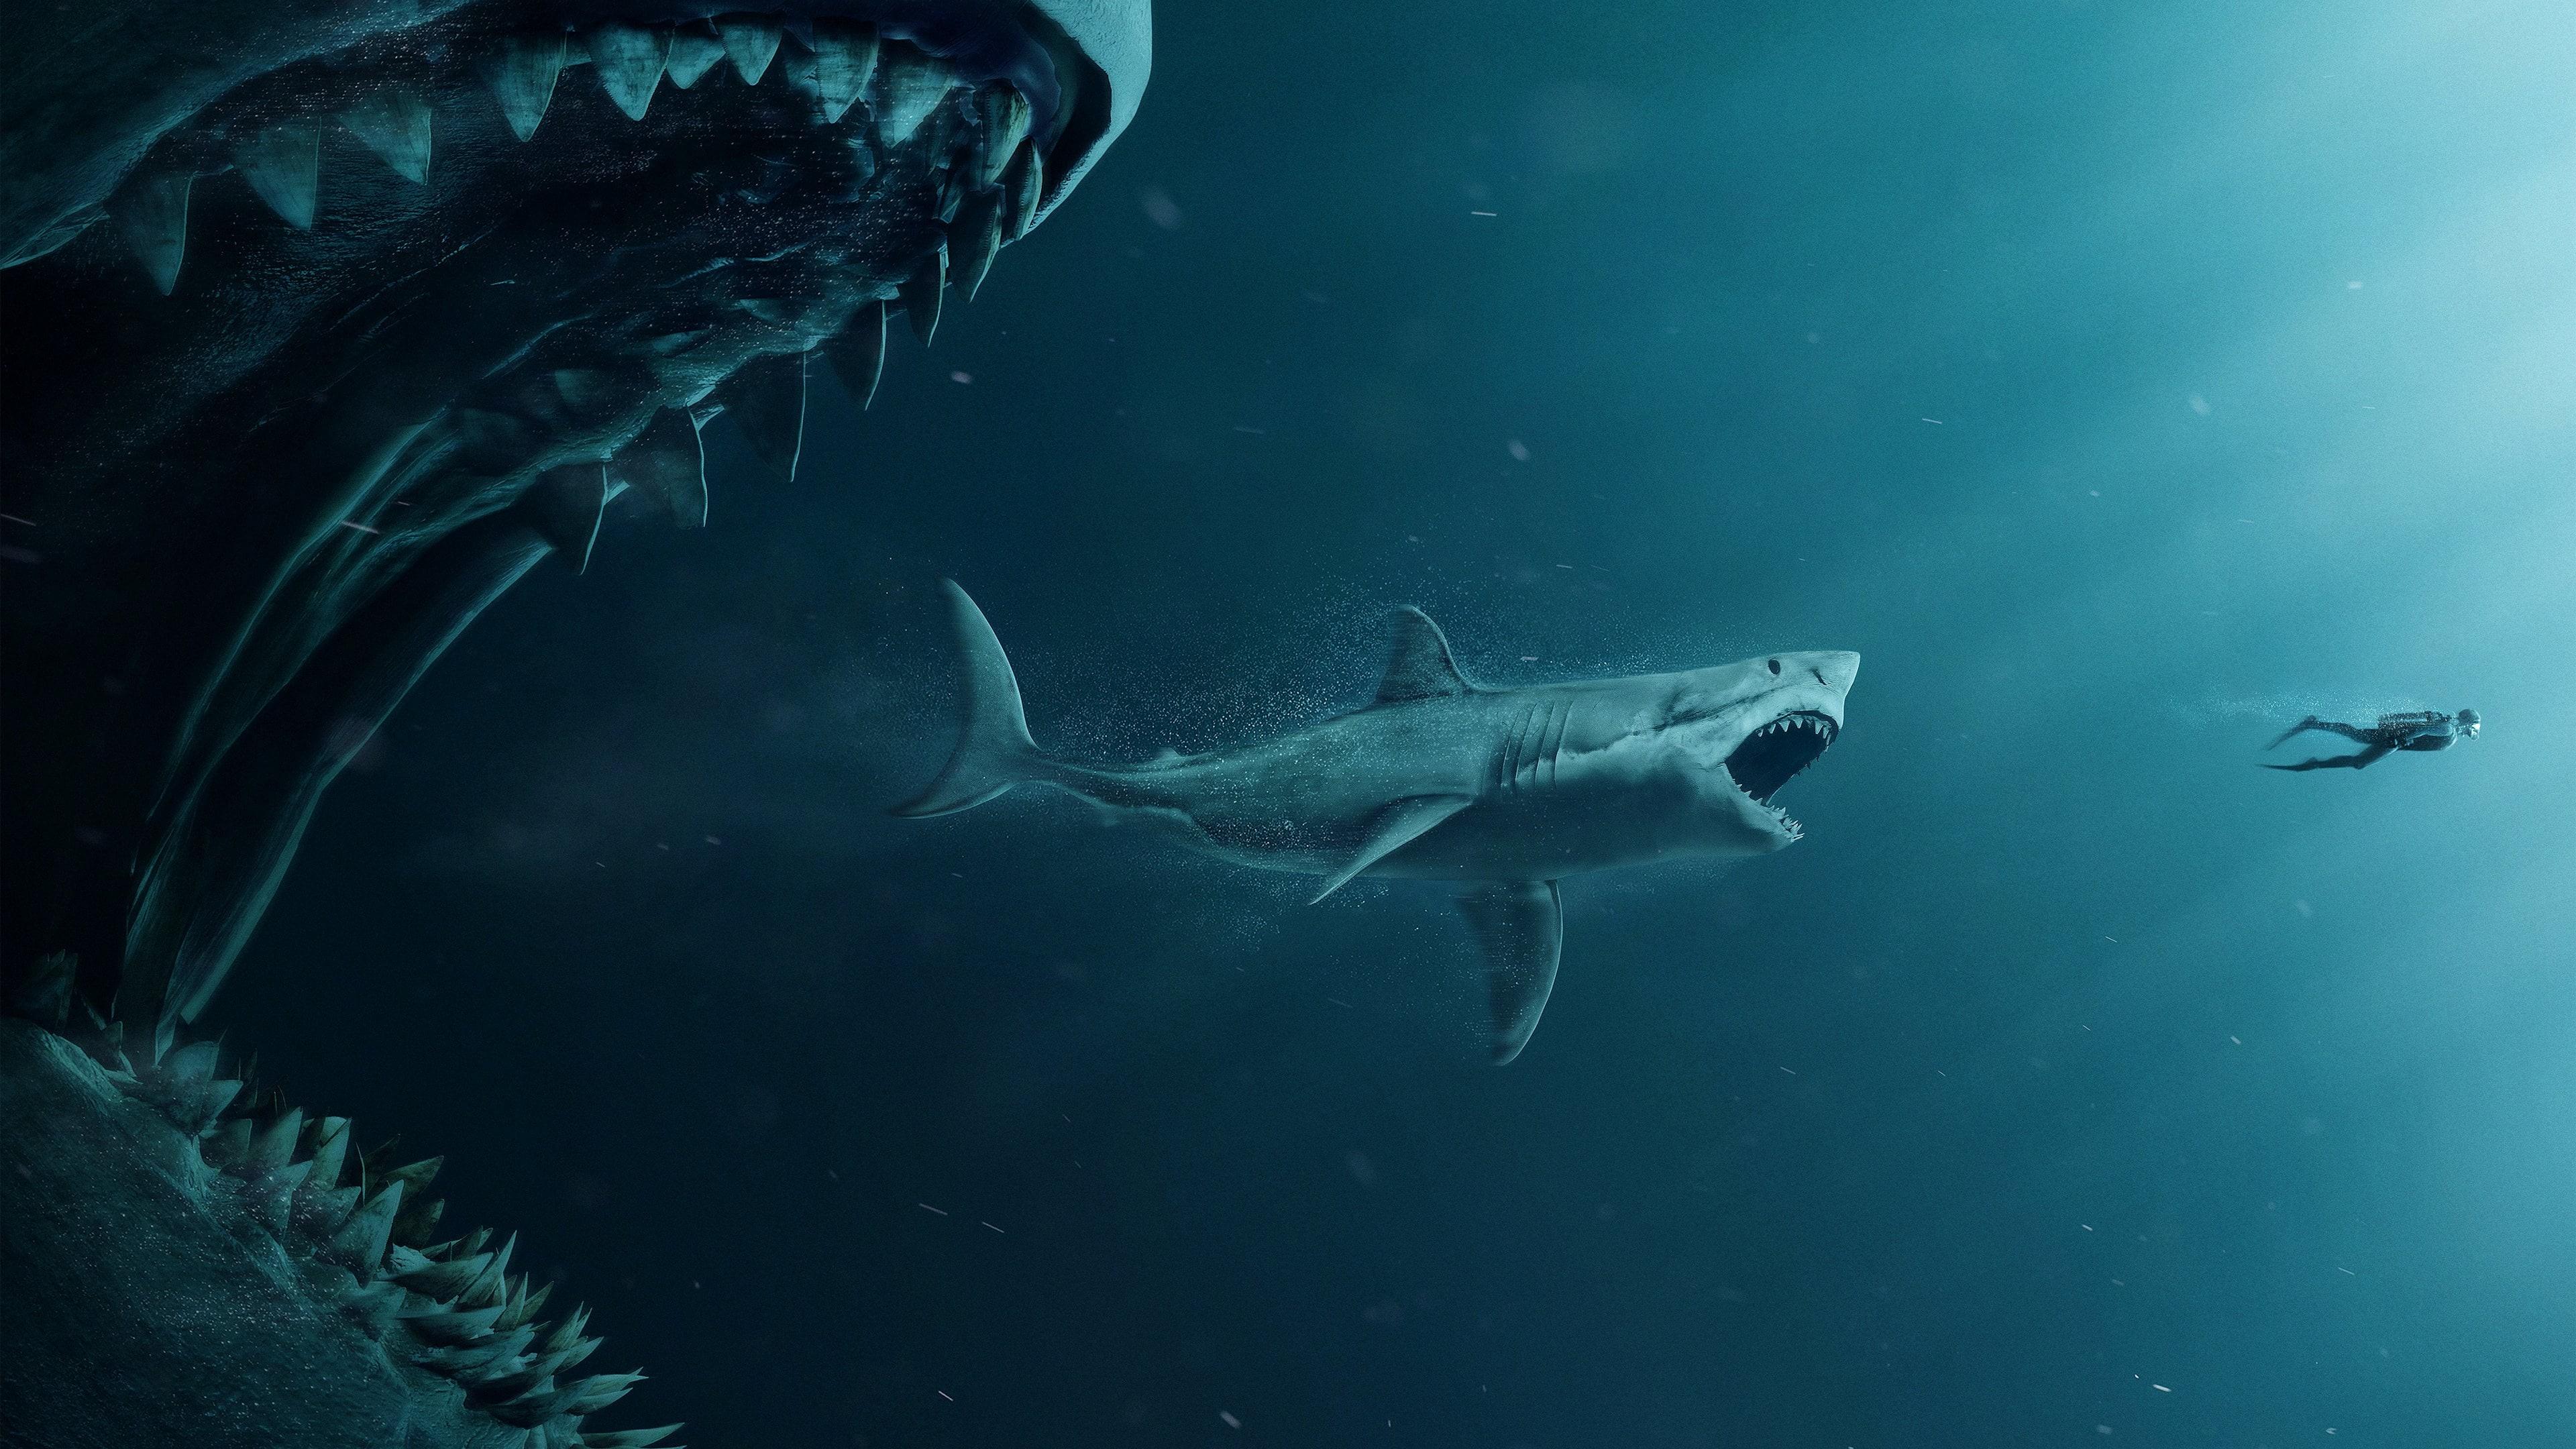 Акула-мегалодон: топ 10 удивительных фактов об этом ужасном чудовище